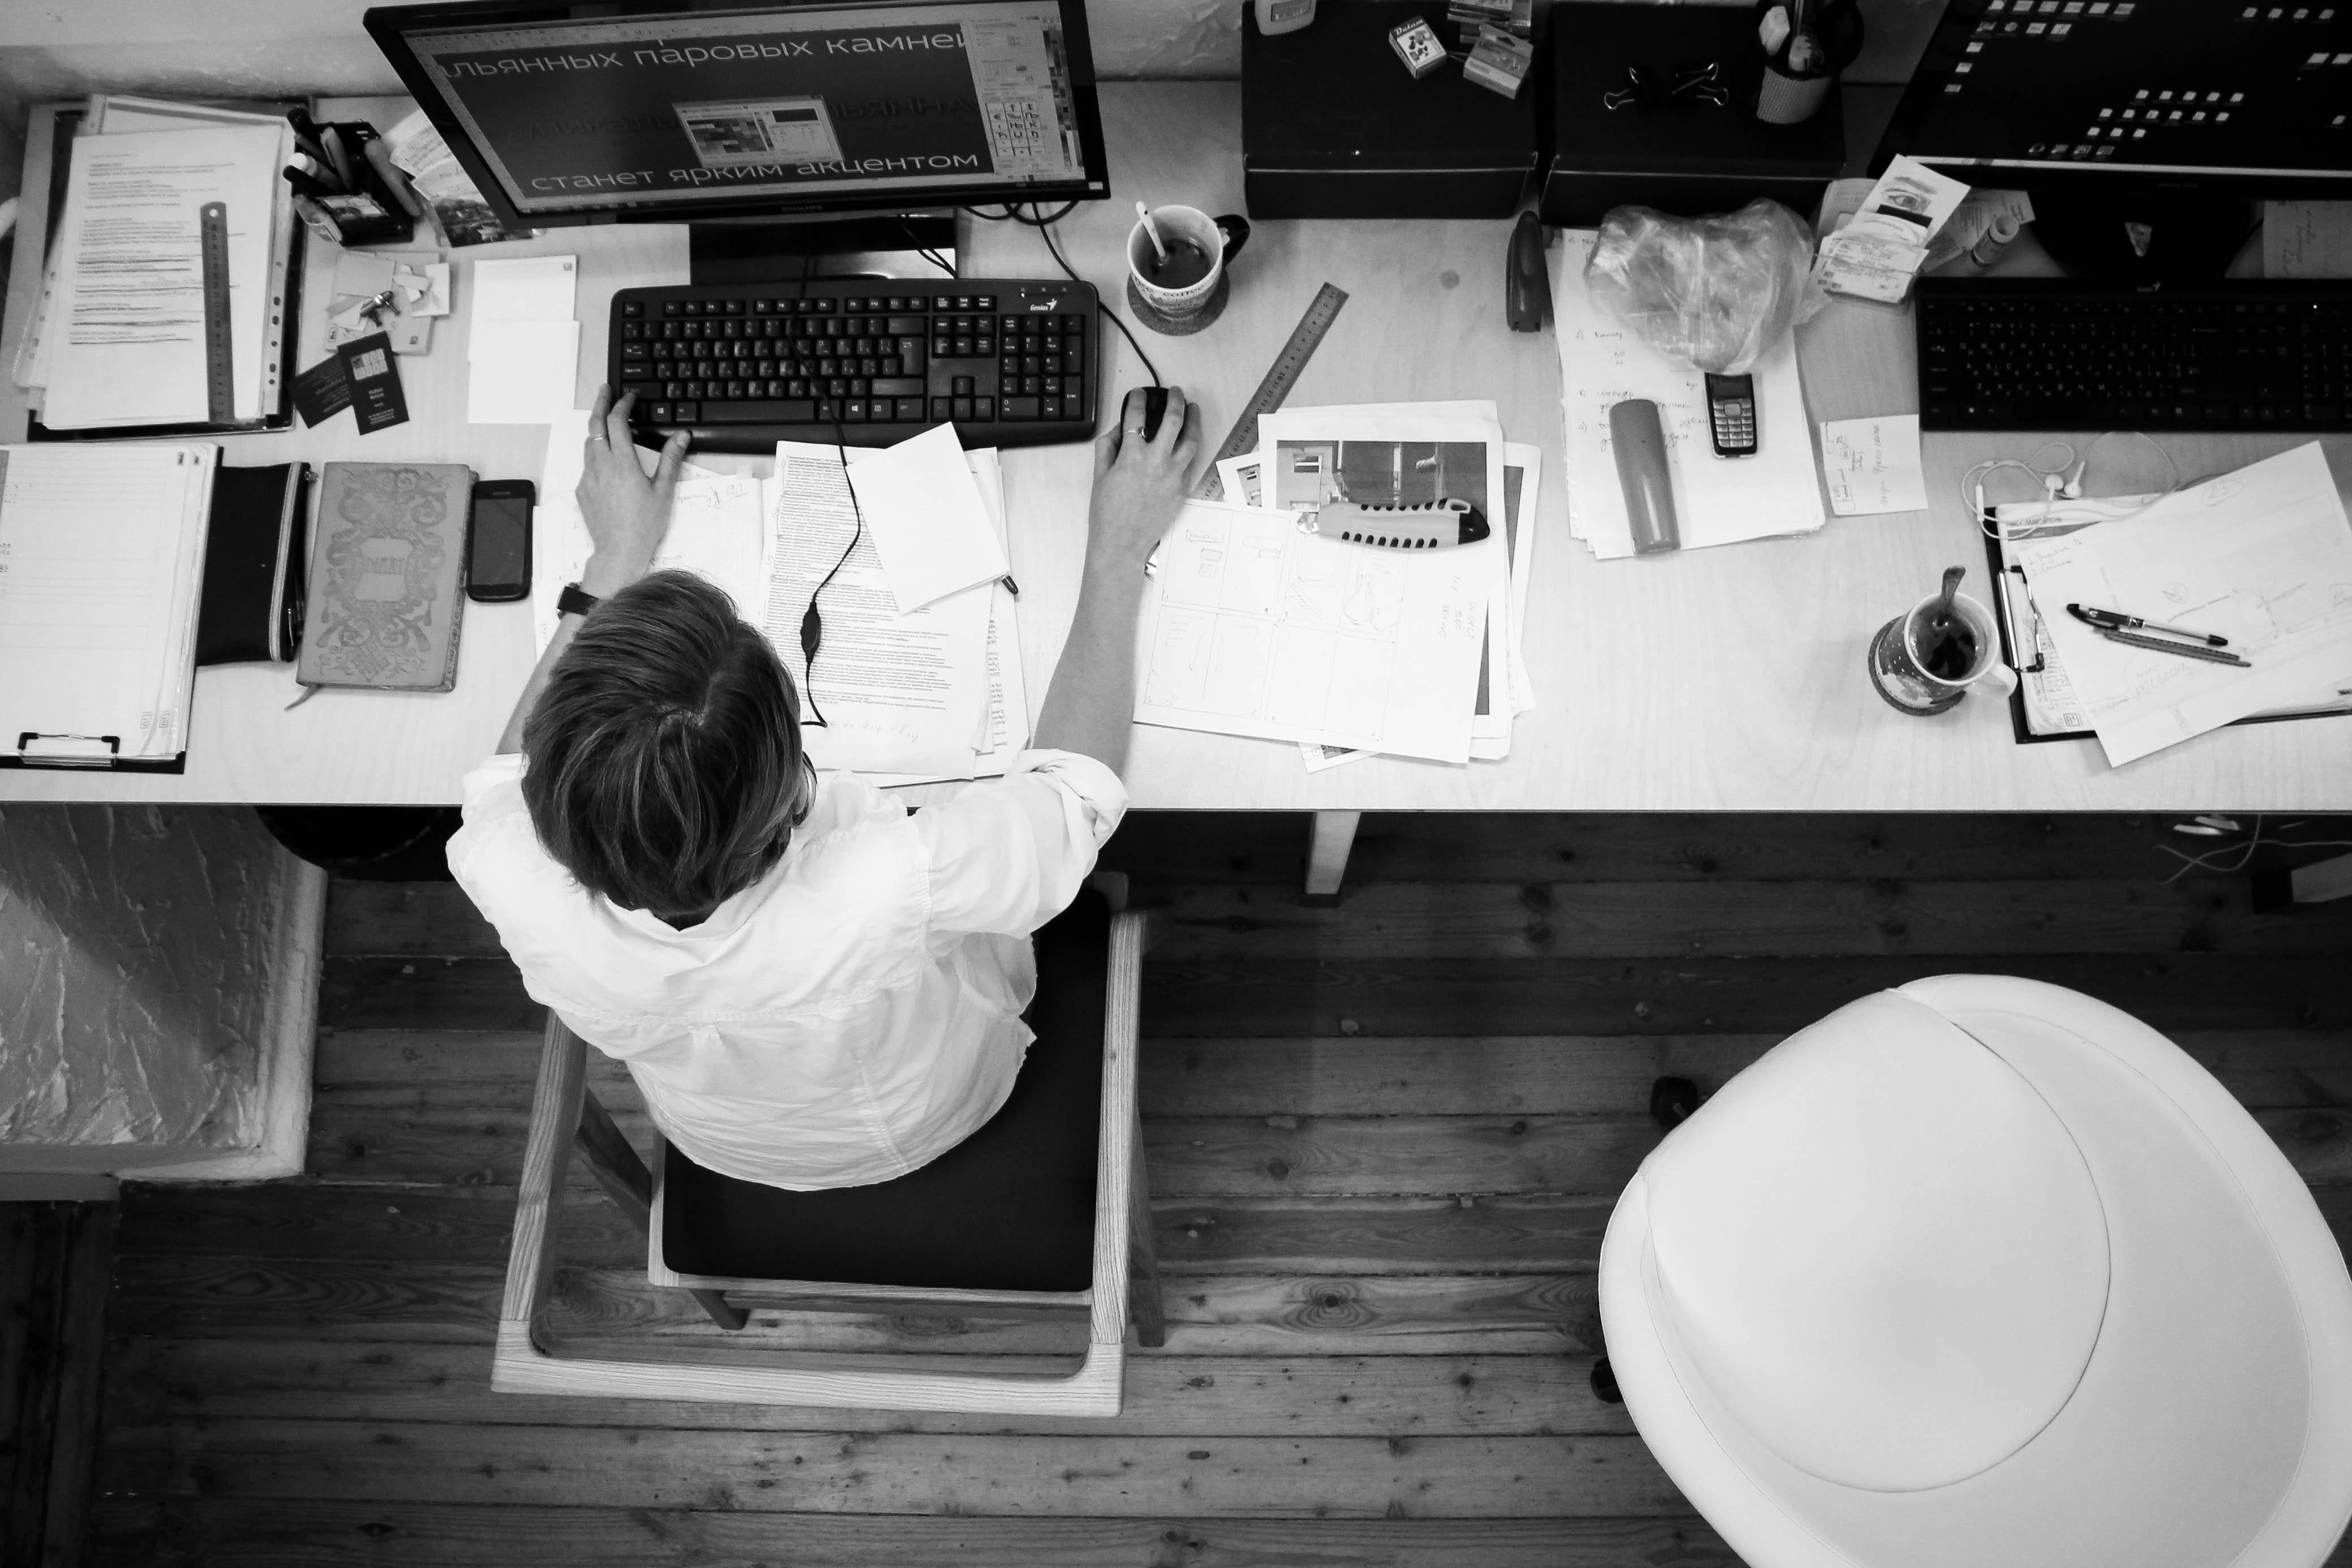 zwolenienie dyscyplinarneumowa o pracę